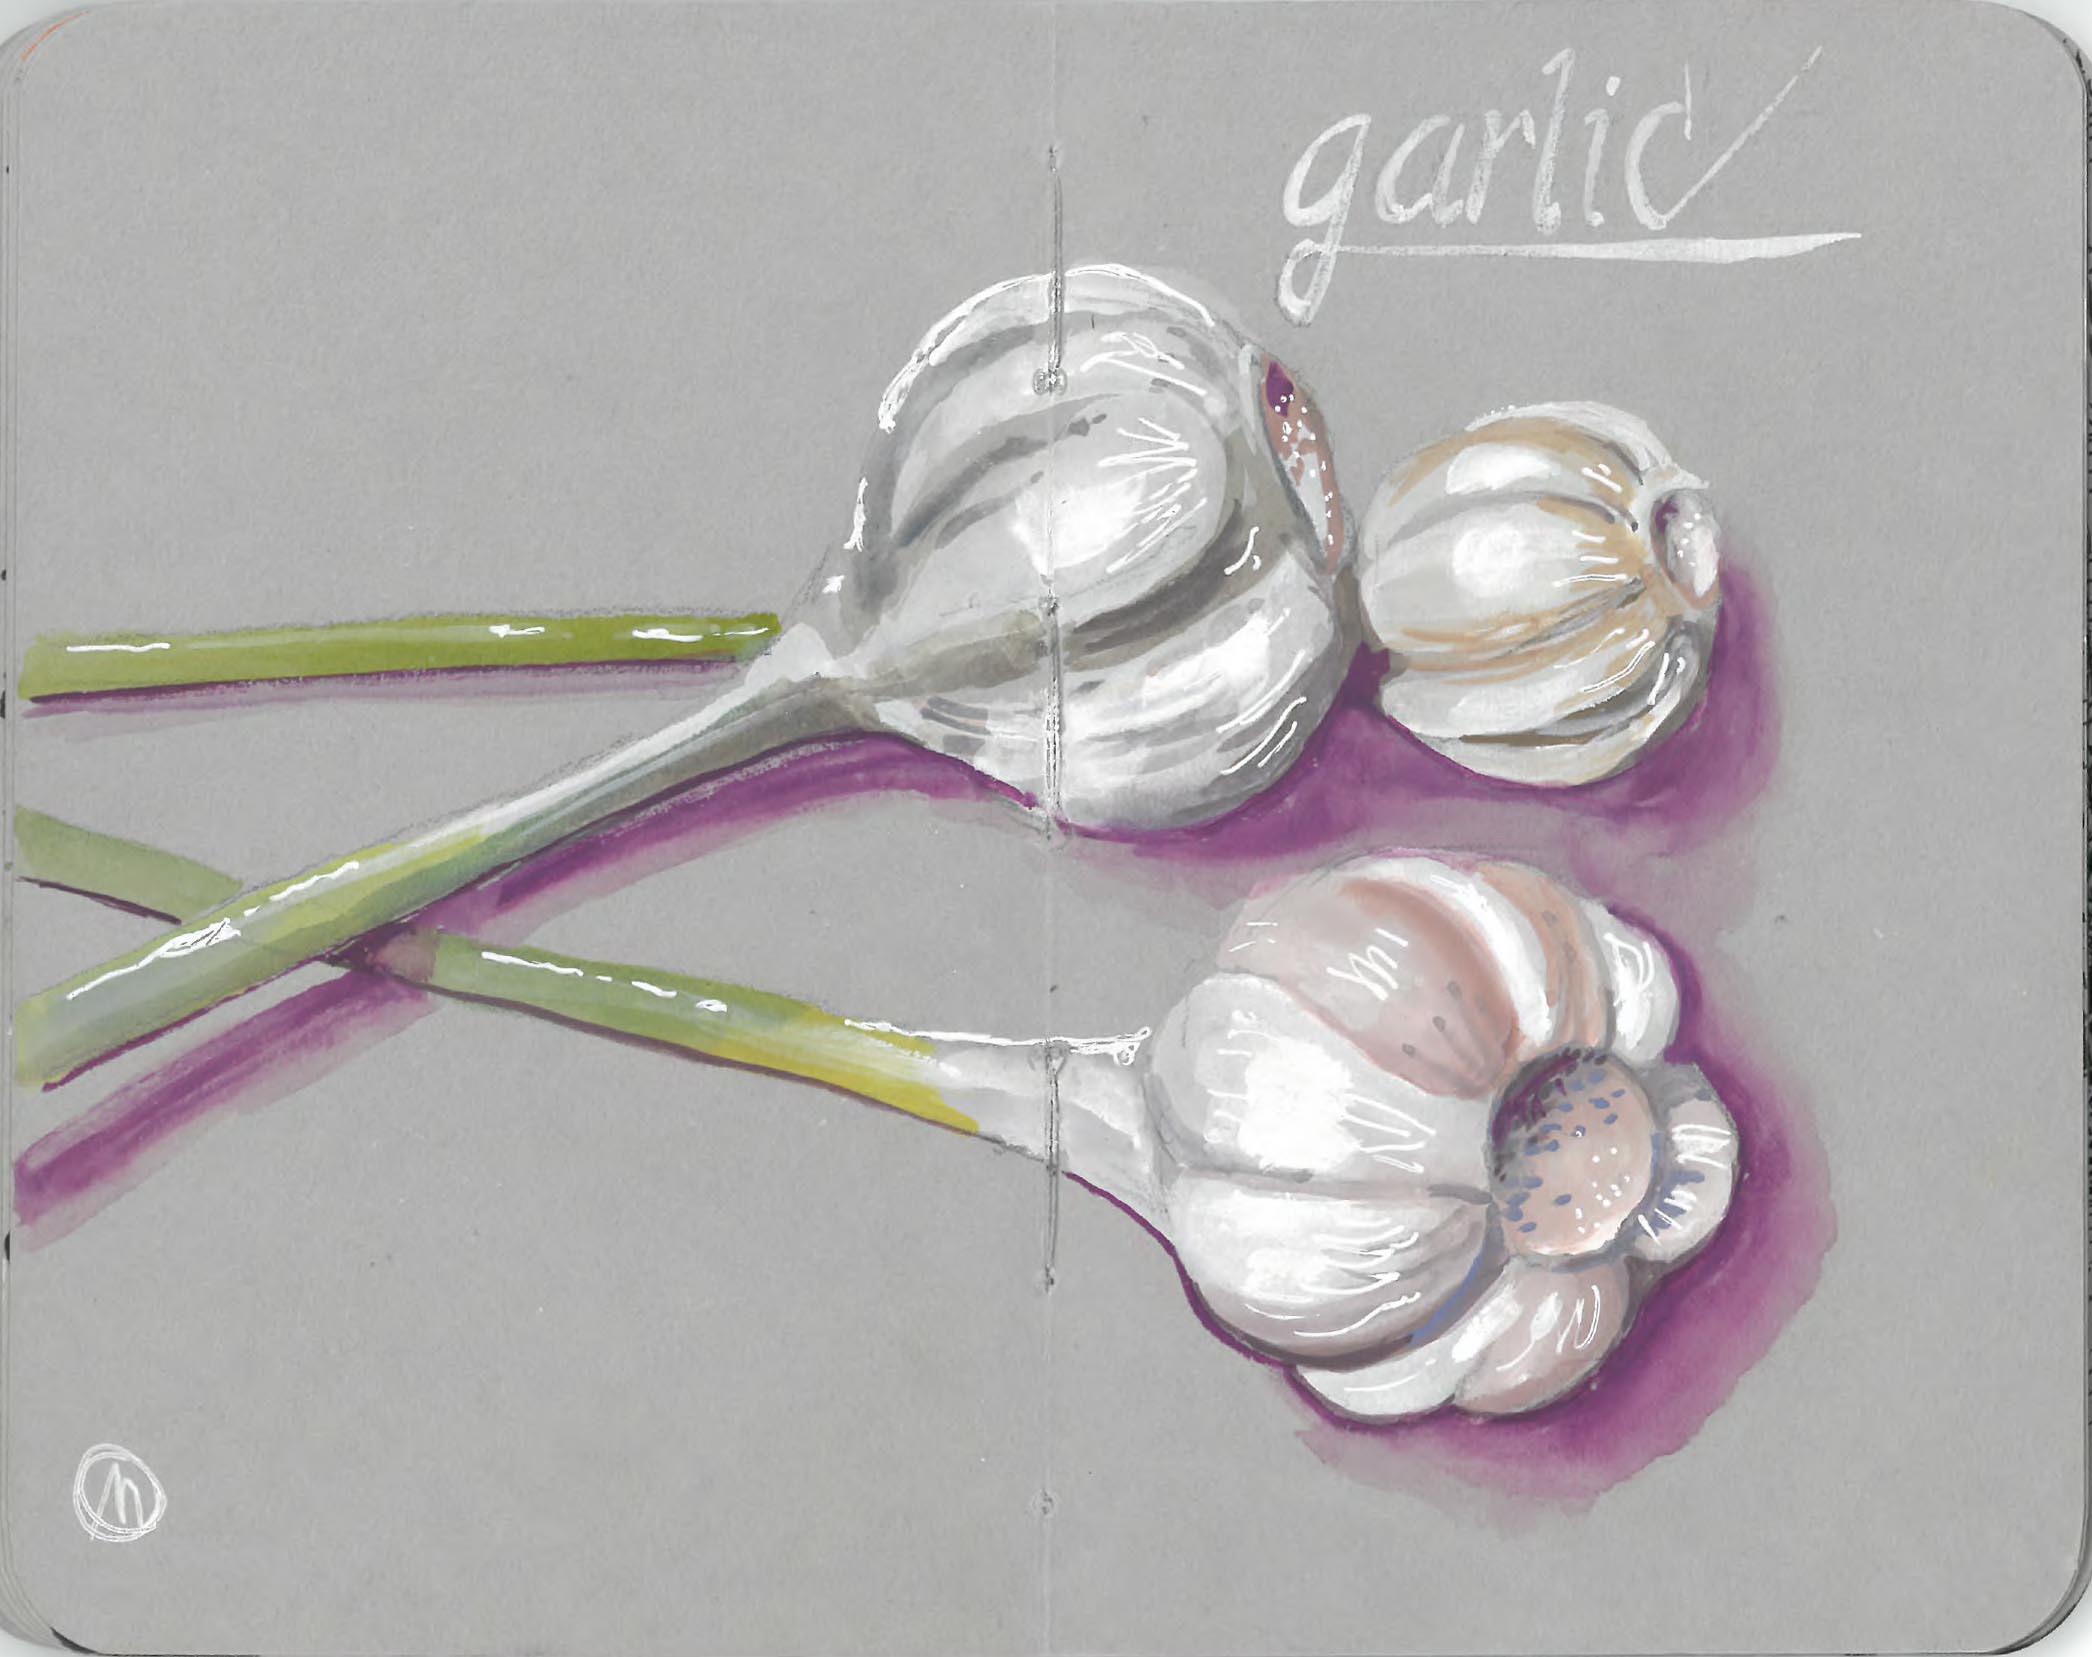 <b>Garlic</b>